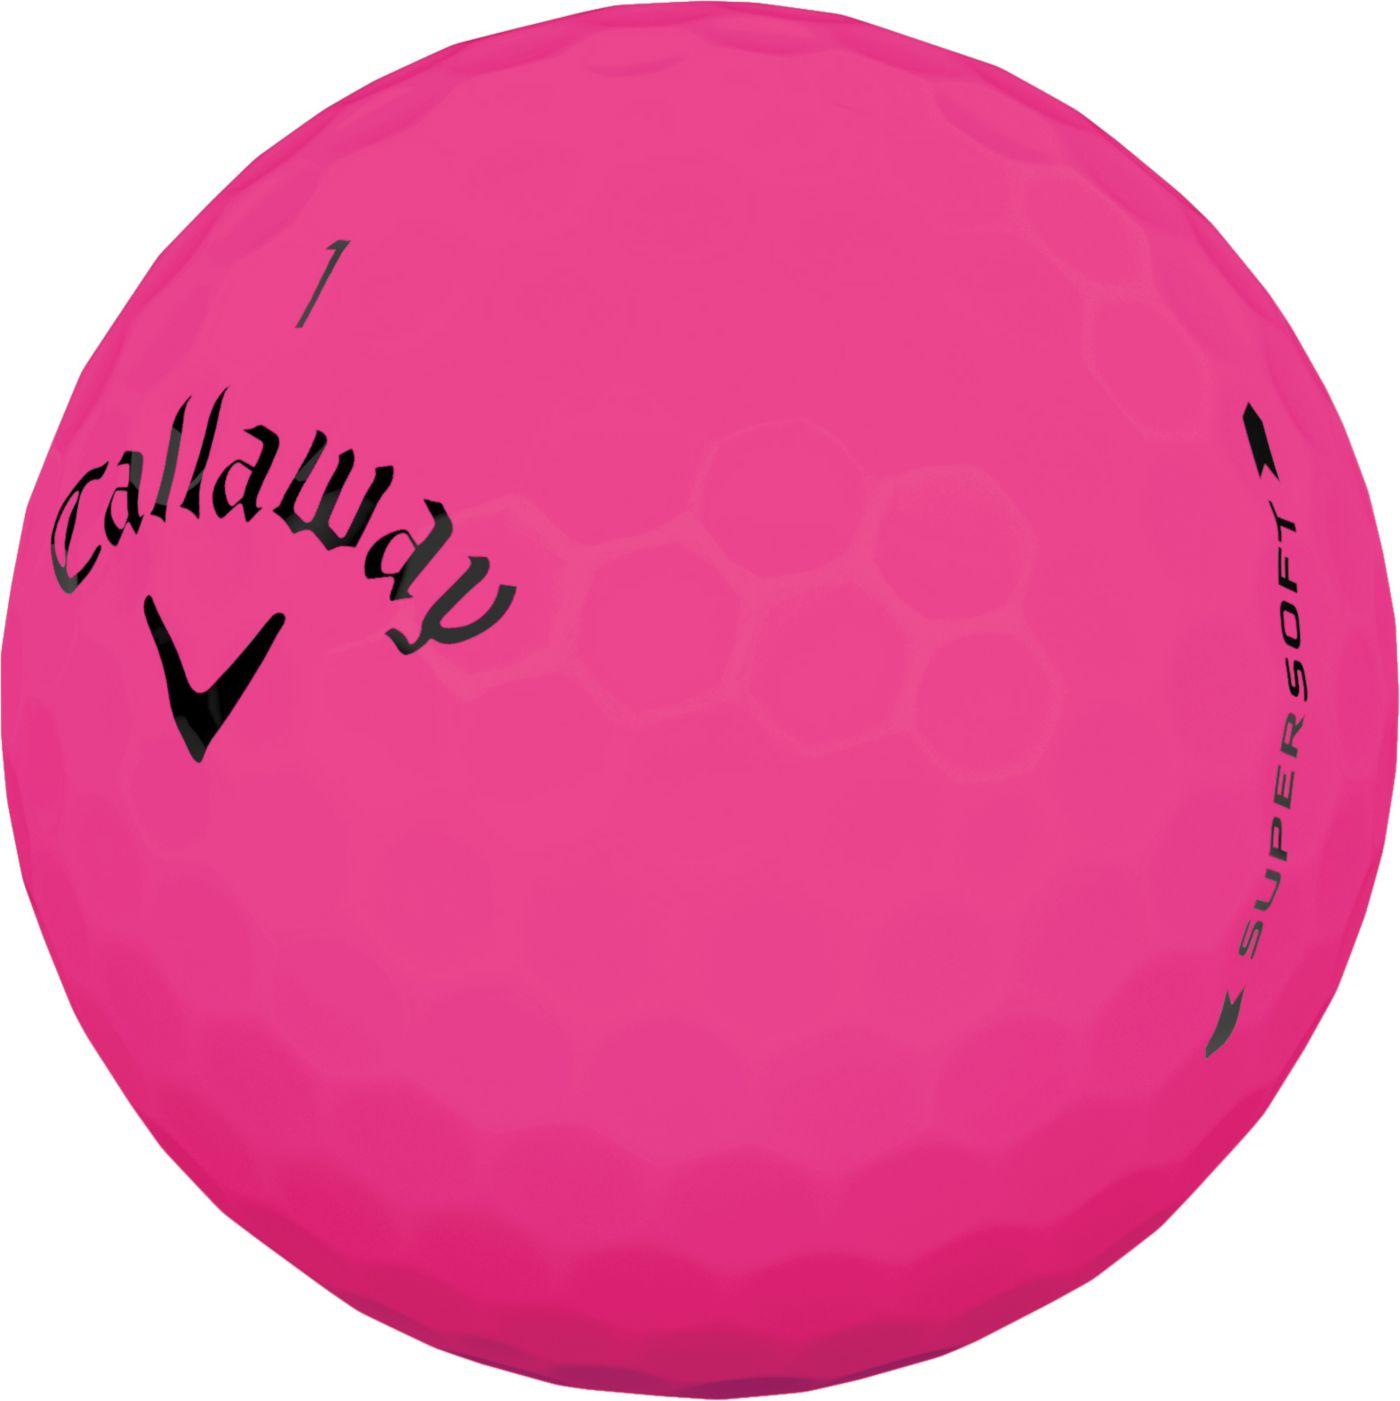 Callaway 2019 Supersoft Matte Pink Golf Balls